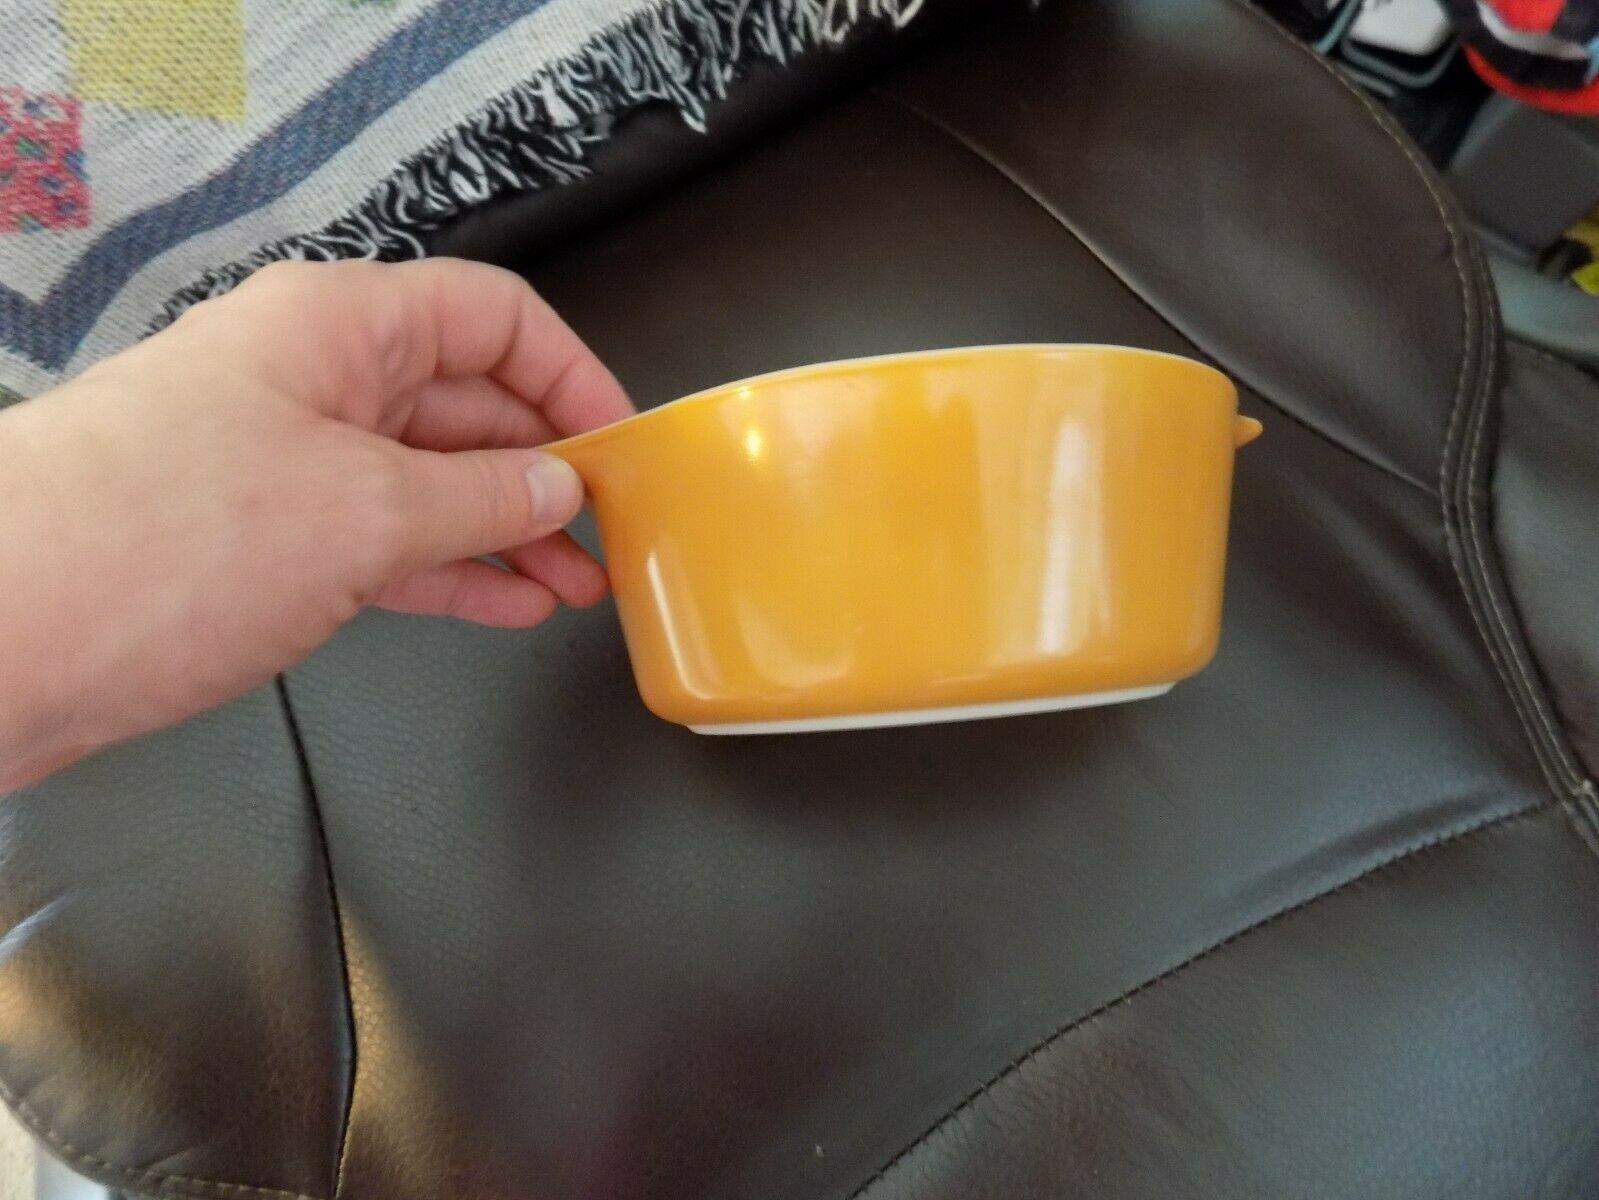 VINTAGE PYREX BUTTERSCOTCH CASSEROLE DISH #472 1-1/2 PT EUC image 3